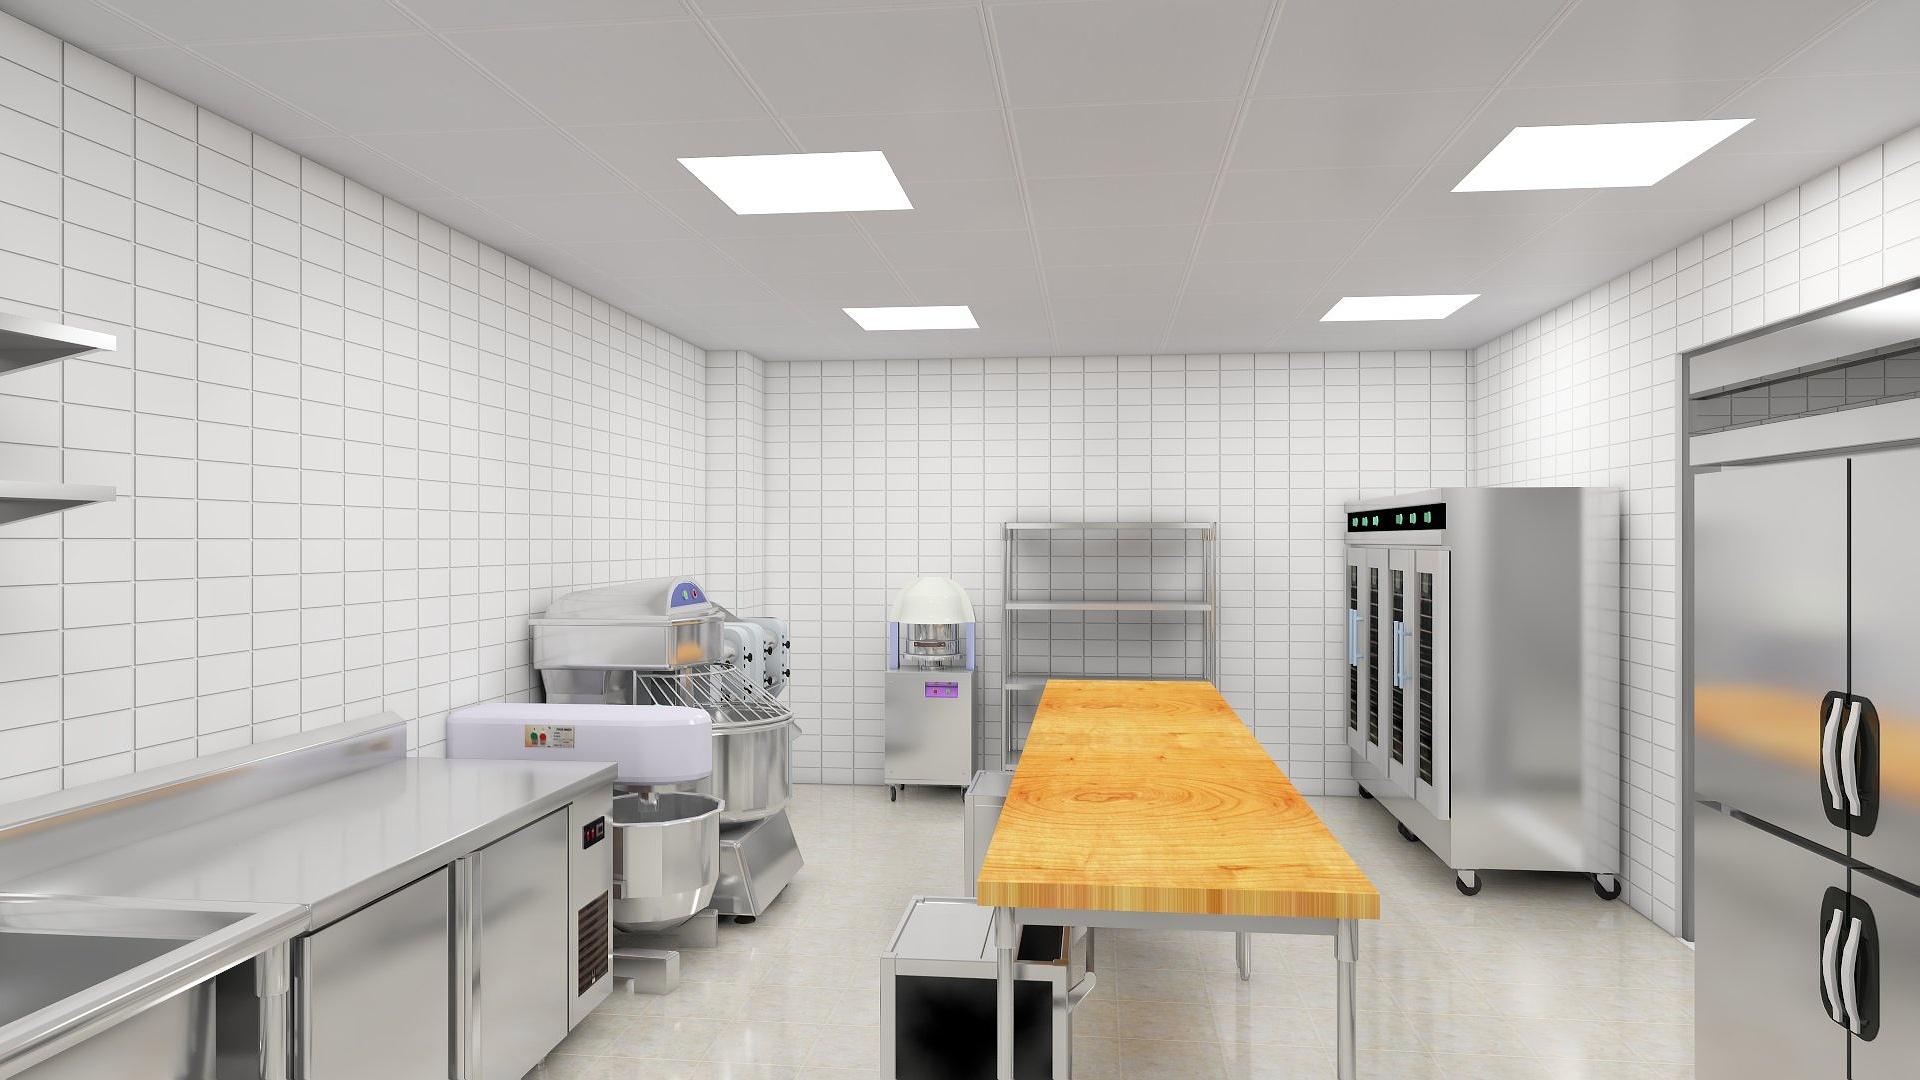 酒店厨房设计-解析厨房过道到底多宽合适